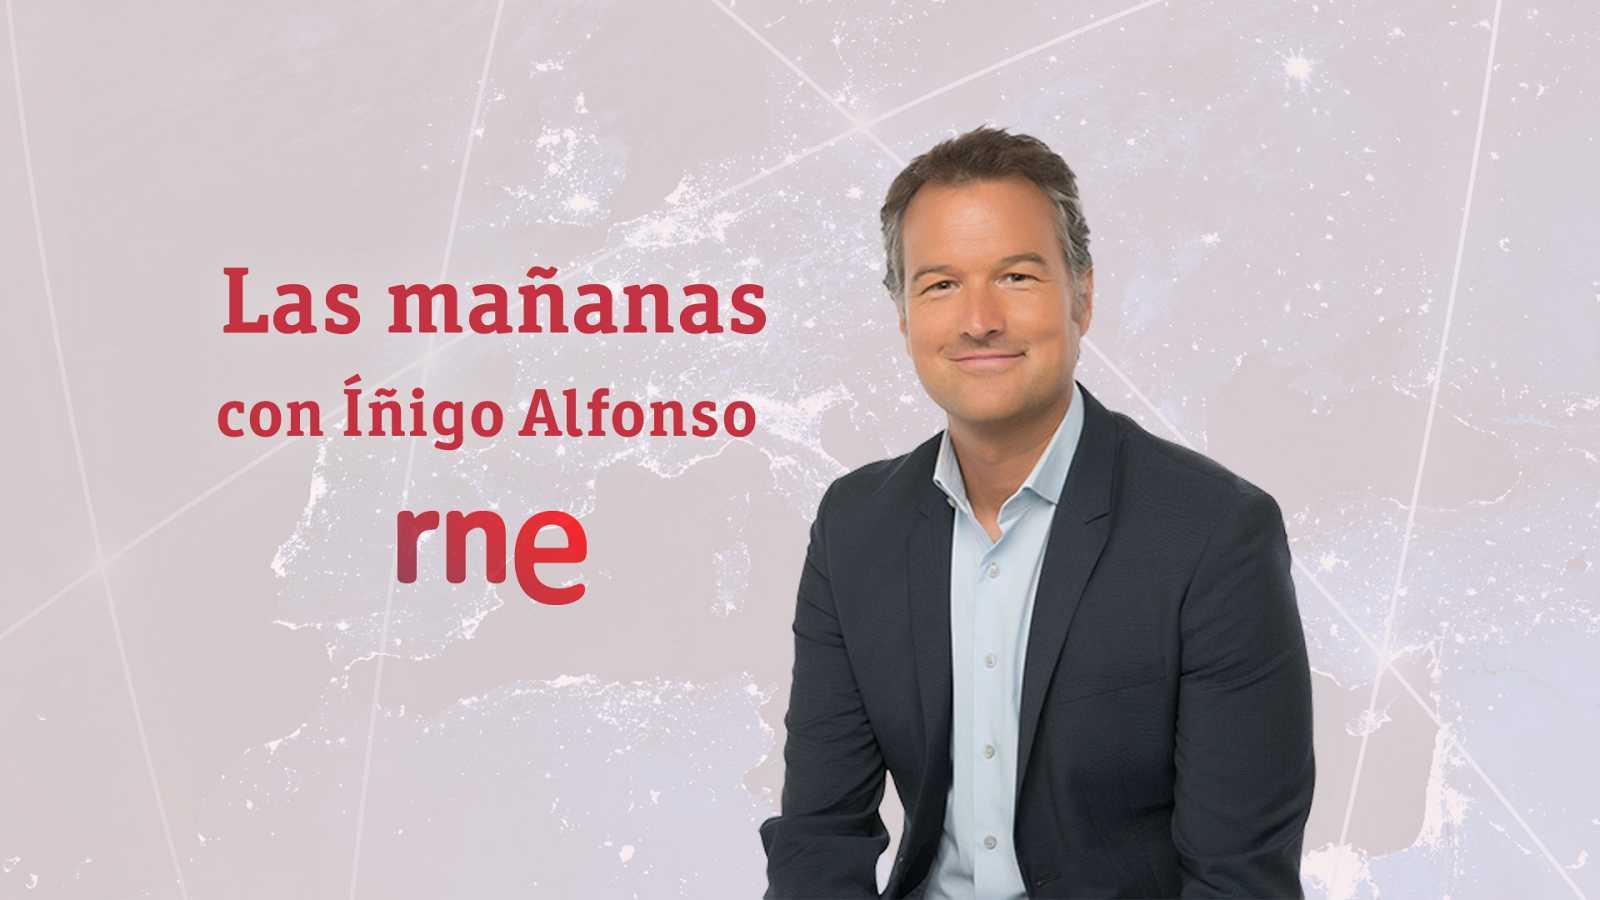 Las mañanas de RNE con Íñigo Alfonso - Primera hora - 05/08/20 - escuchar ahora